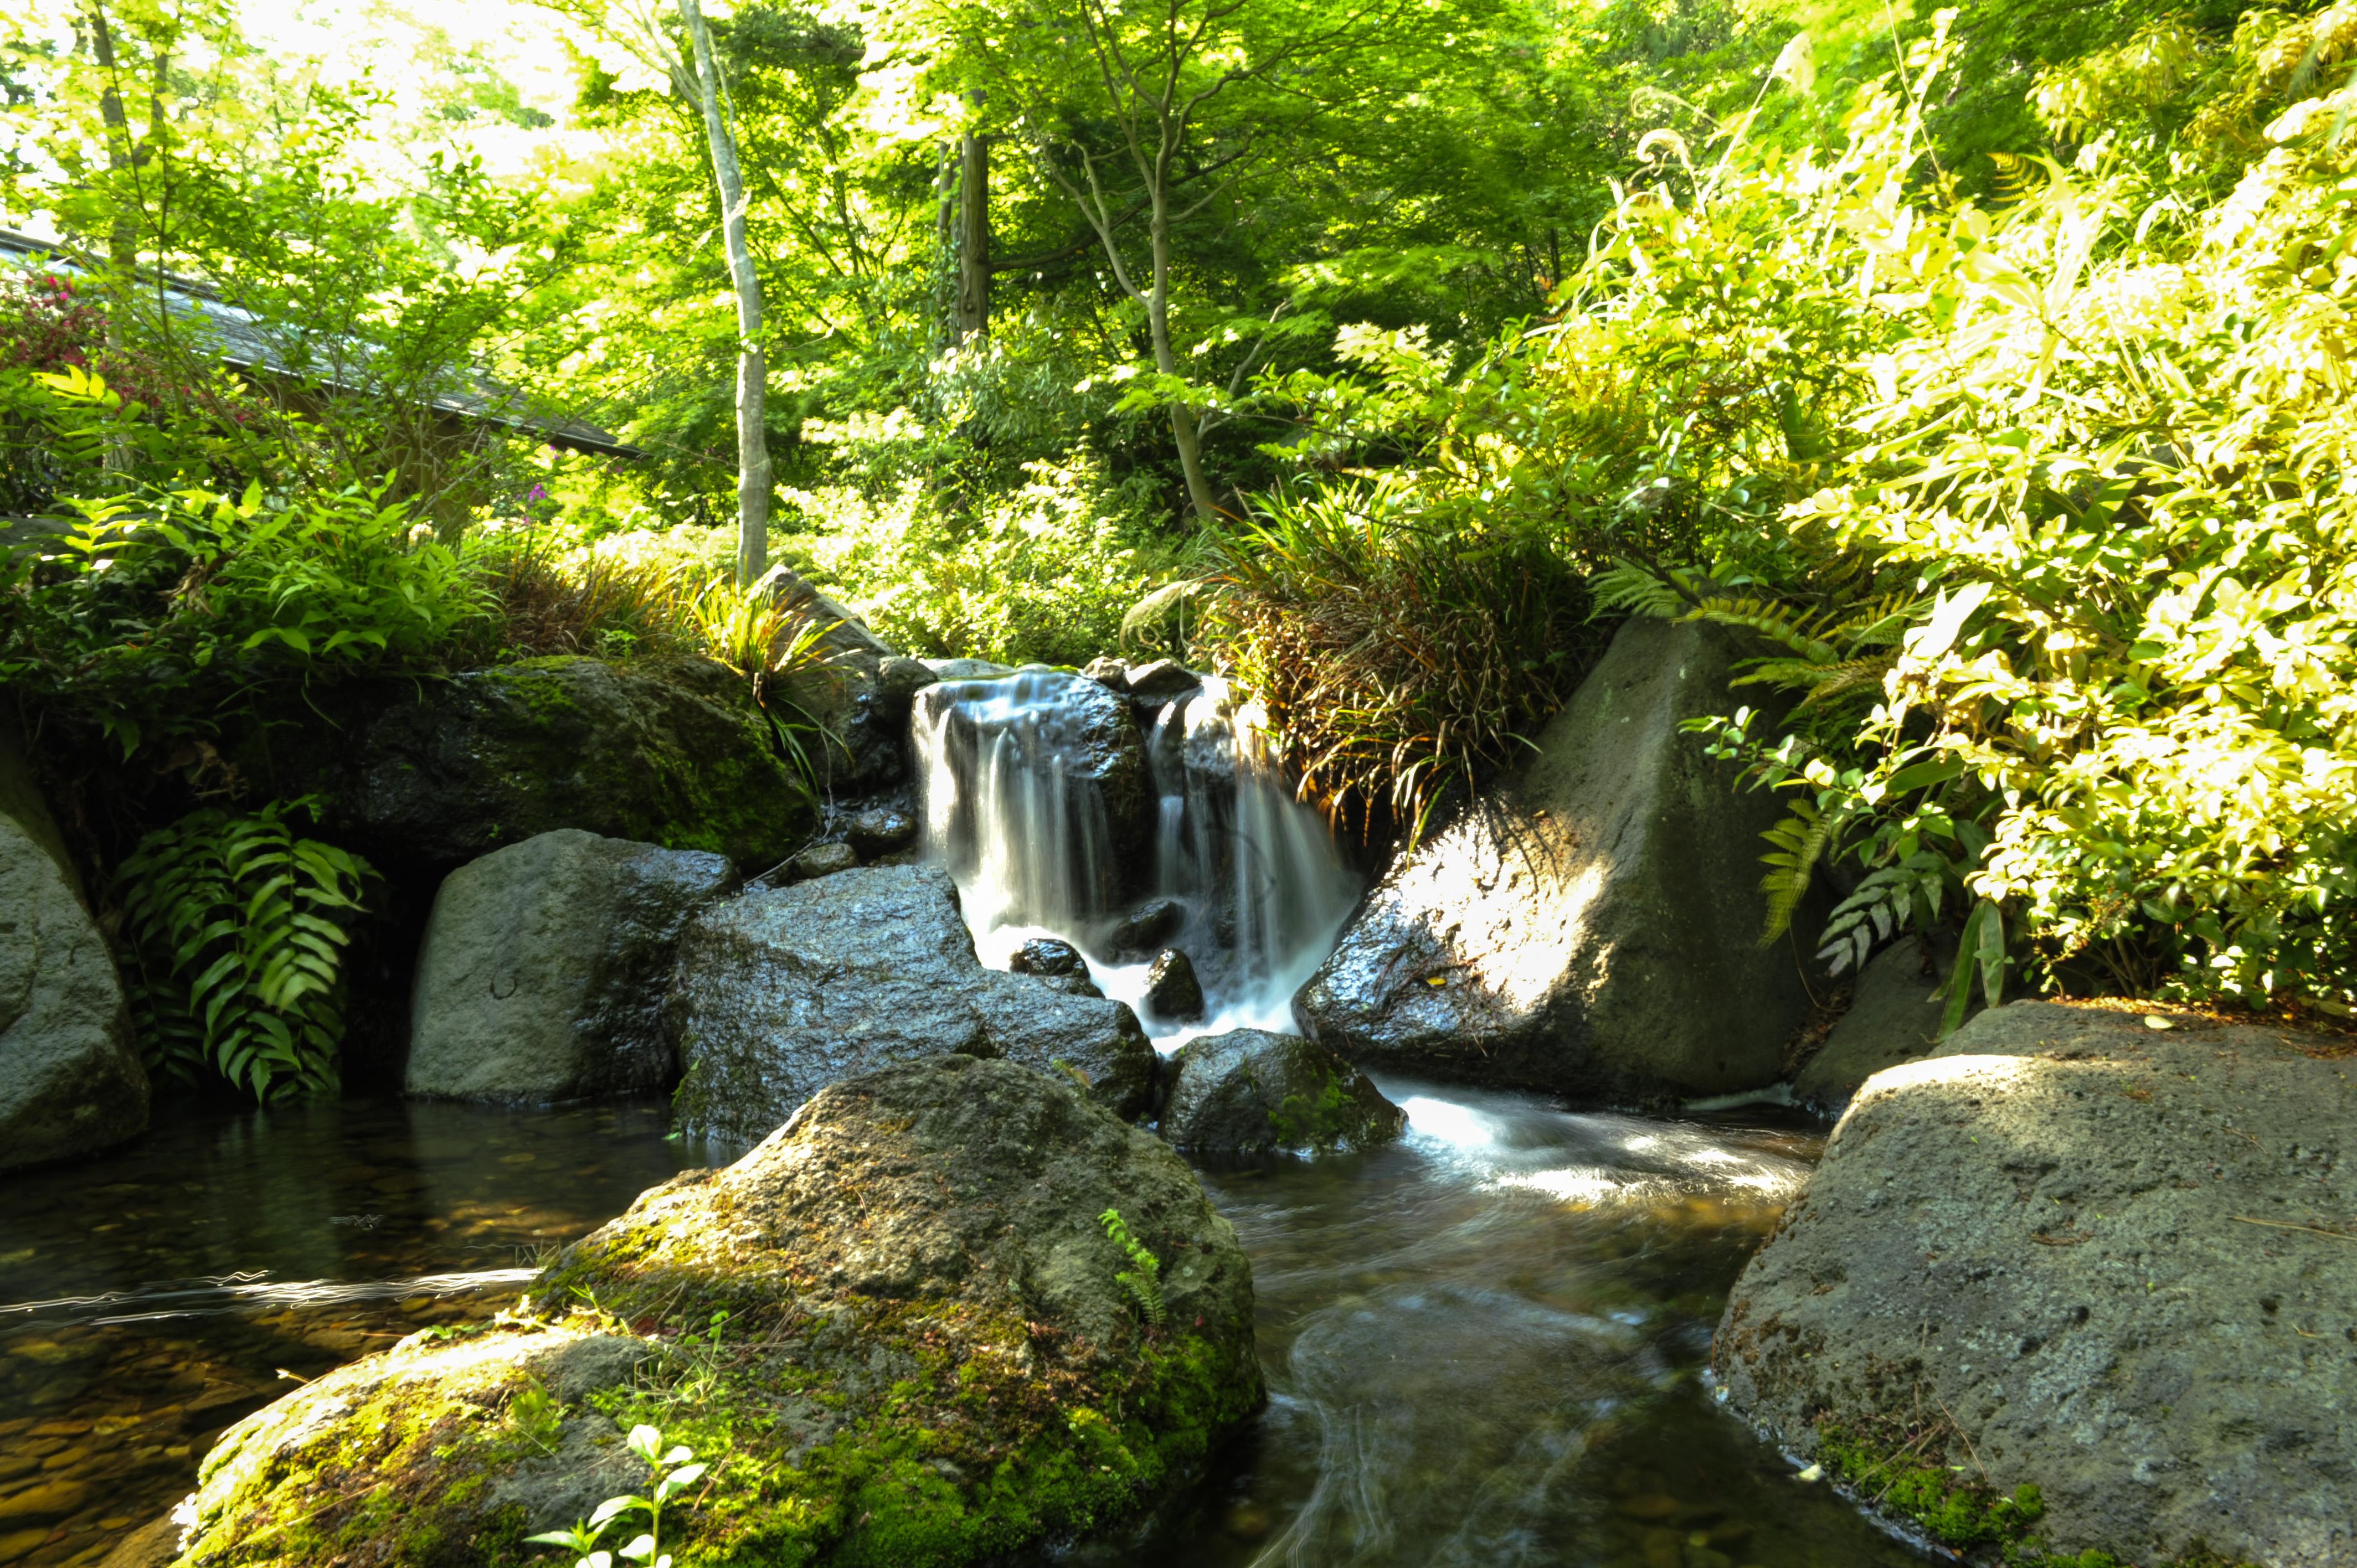 Photos for Small japanese water garden